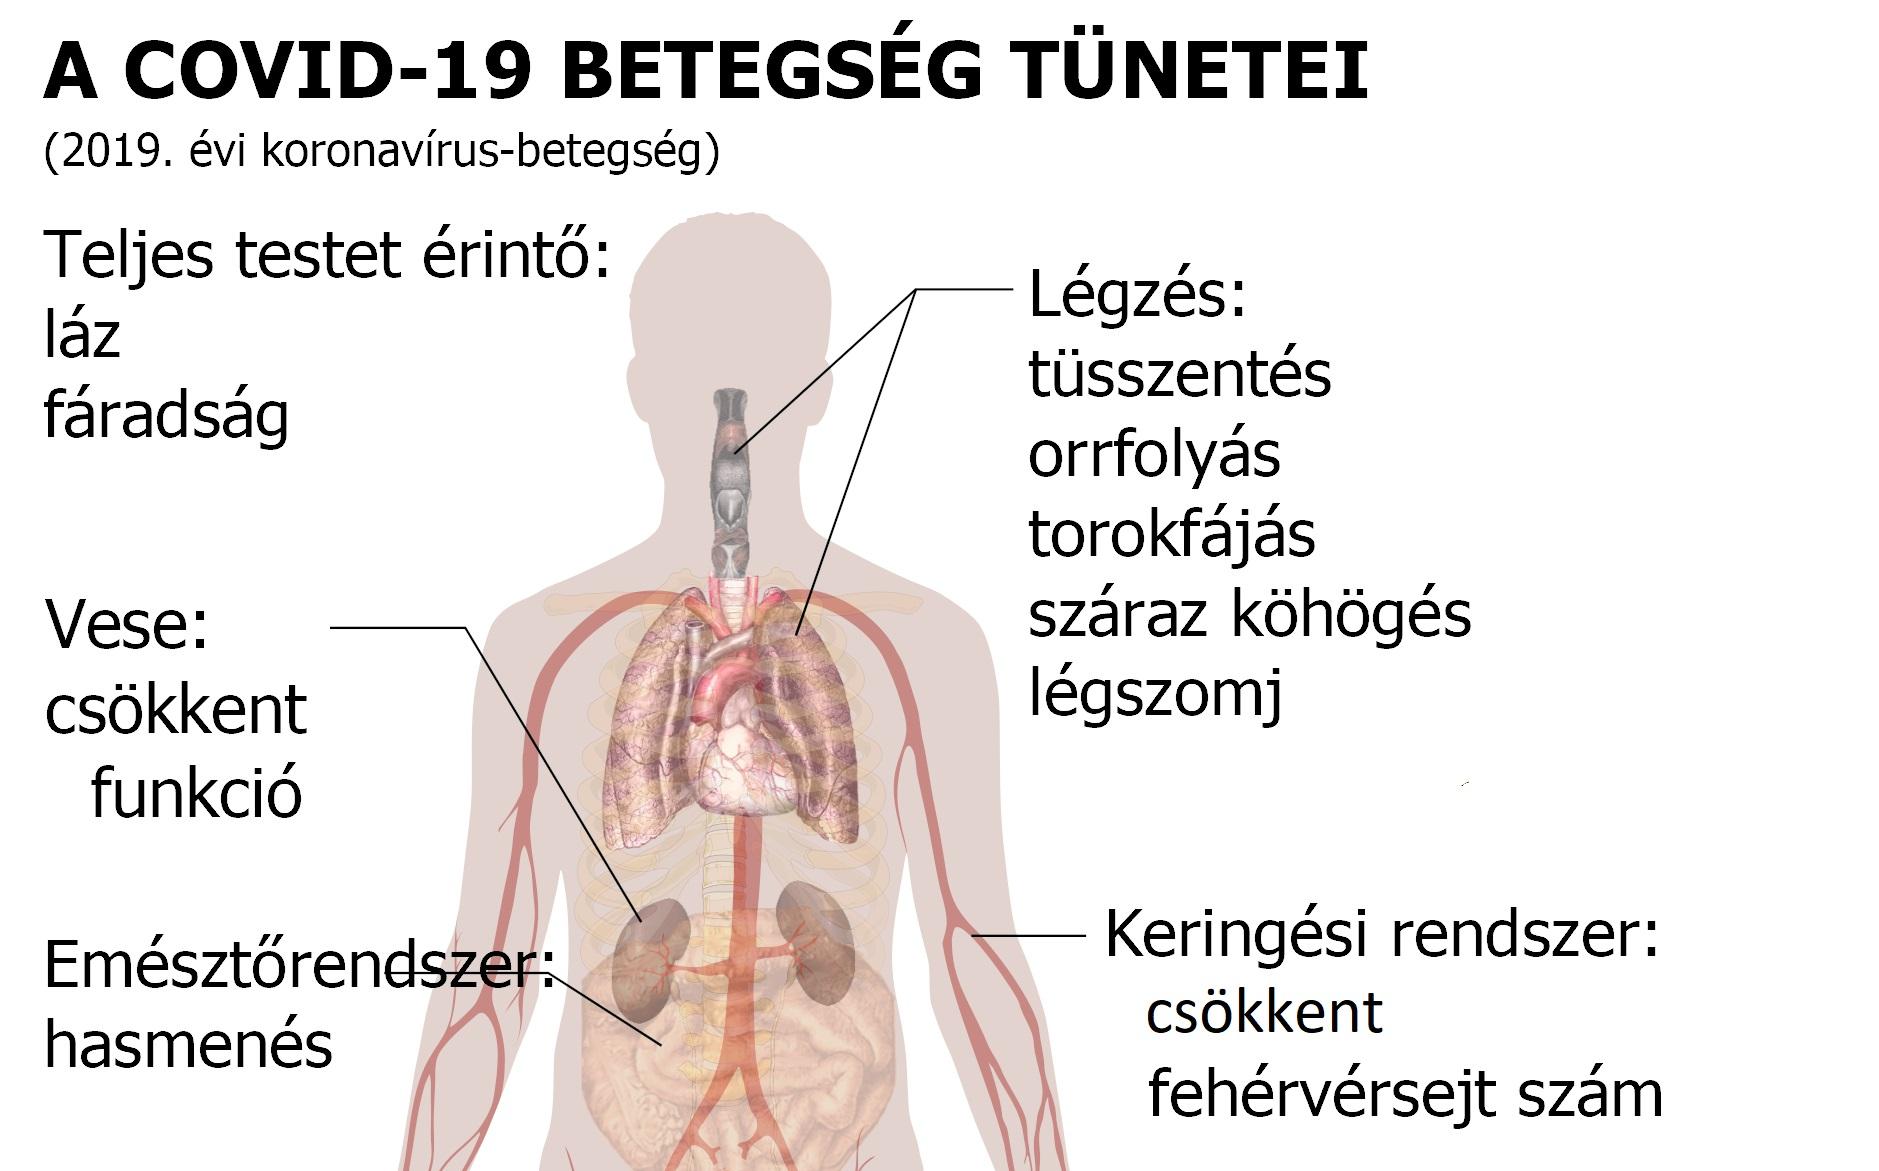 Az emberi test parazitáinak kezelése és tünetei